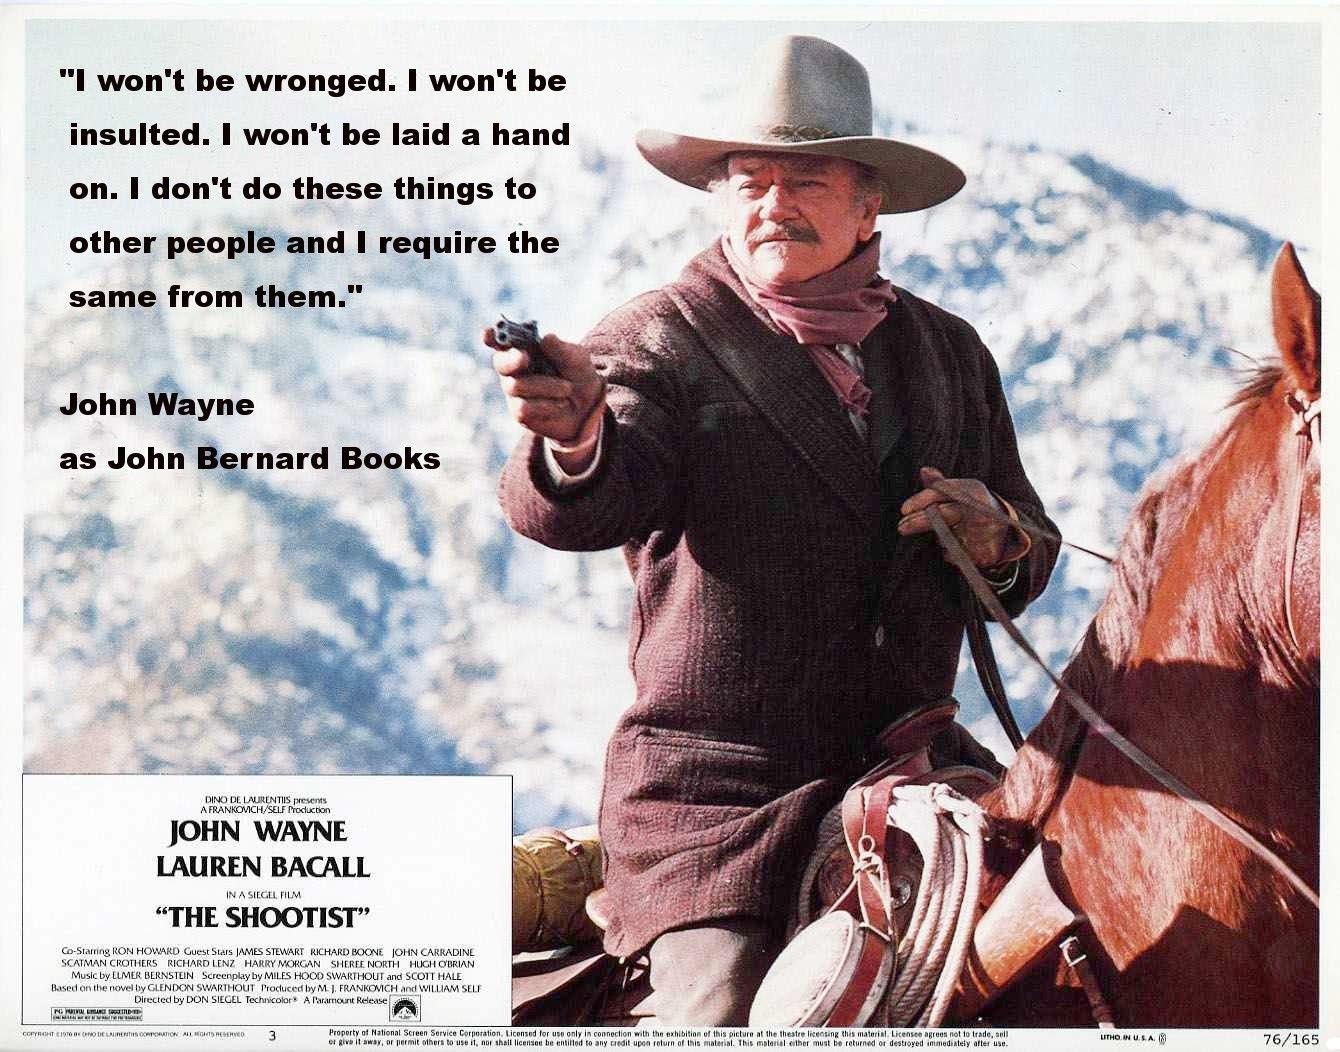 Pin By Angel Fish On Love It John Wayne Quotes Cowboy Quotes John Wayne Movies